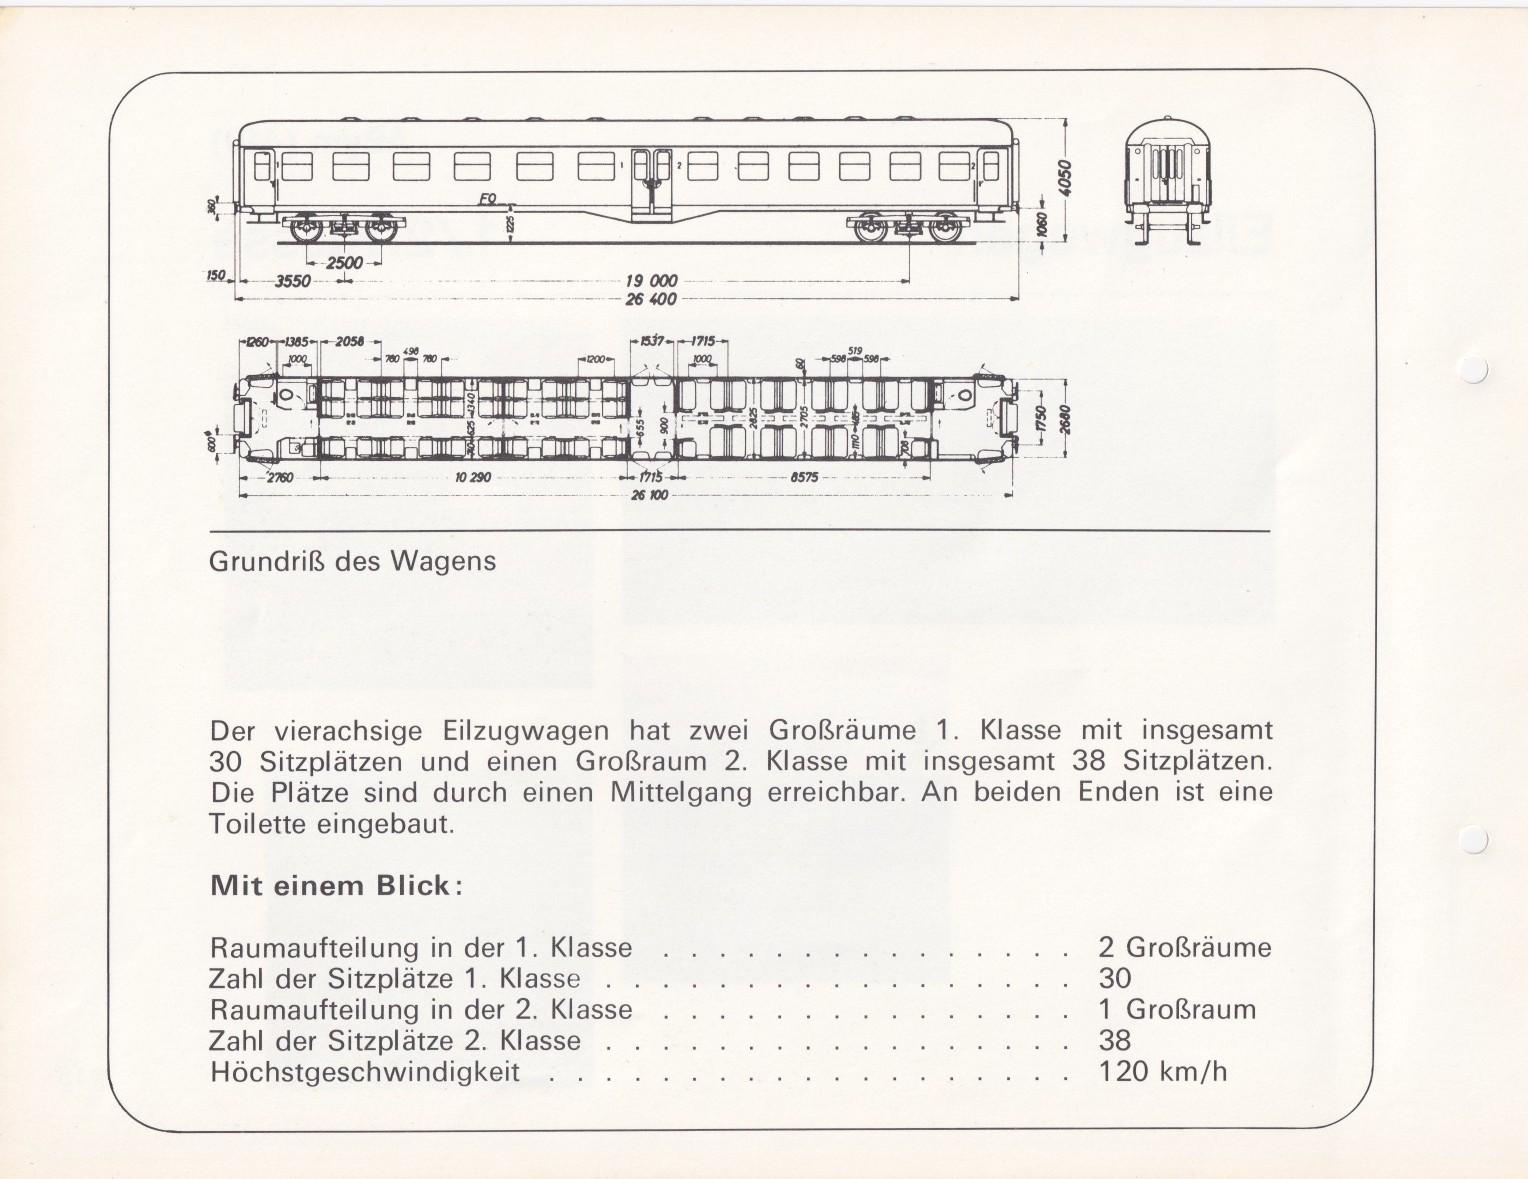 https://www.nullclub.de/hifo/Fahrzeuglexikon/Wagen18b.jpg